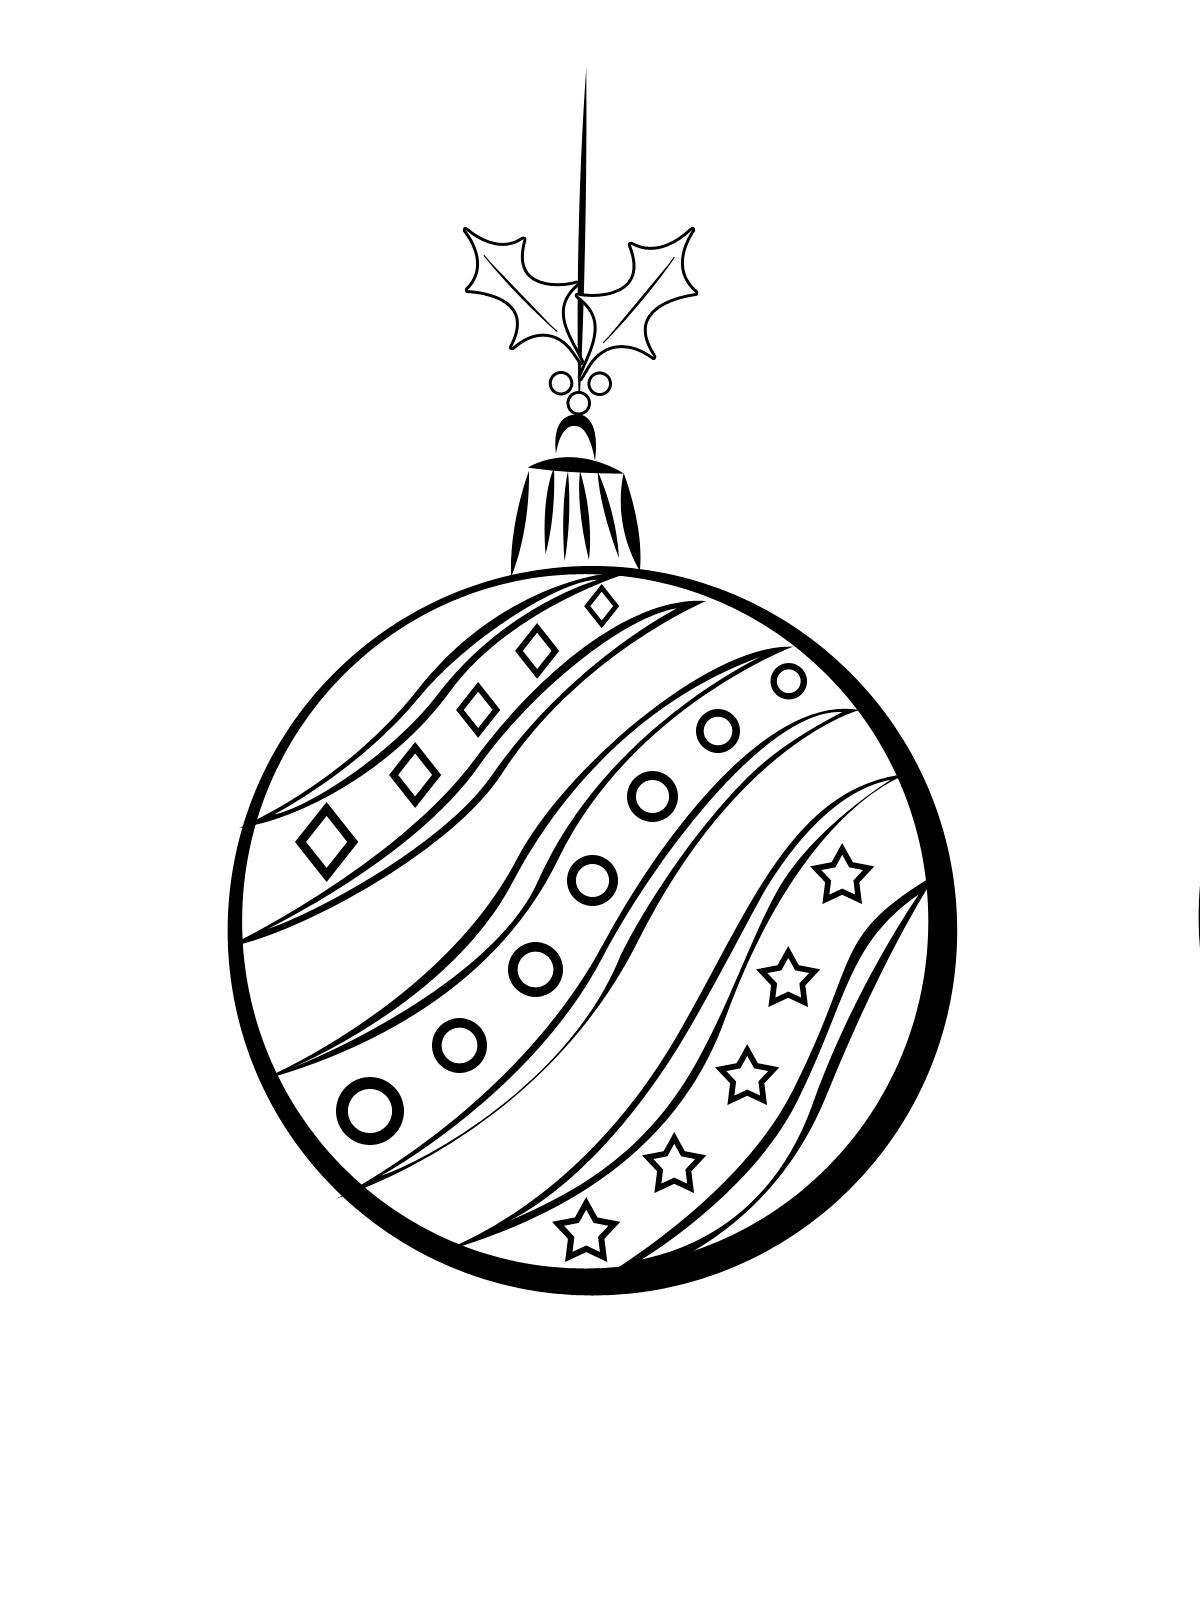 красивая раскраска новогоднего шара